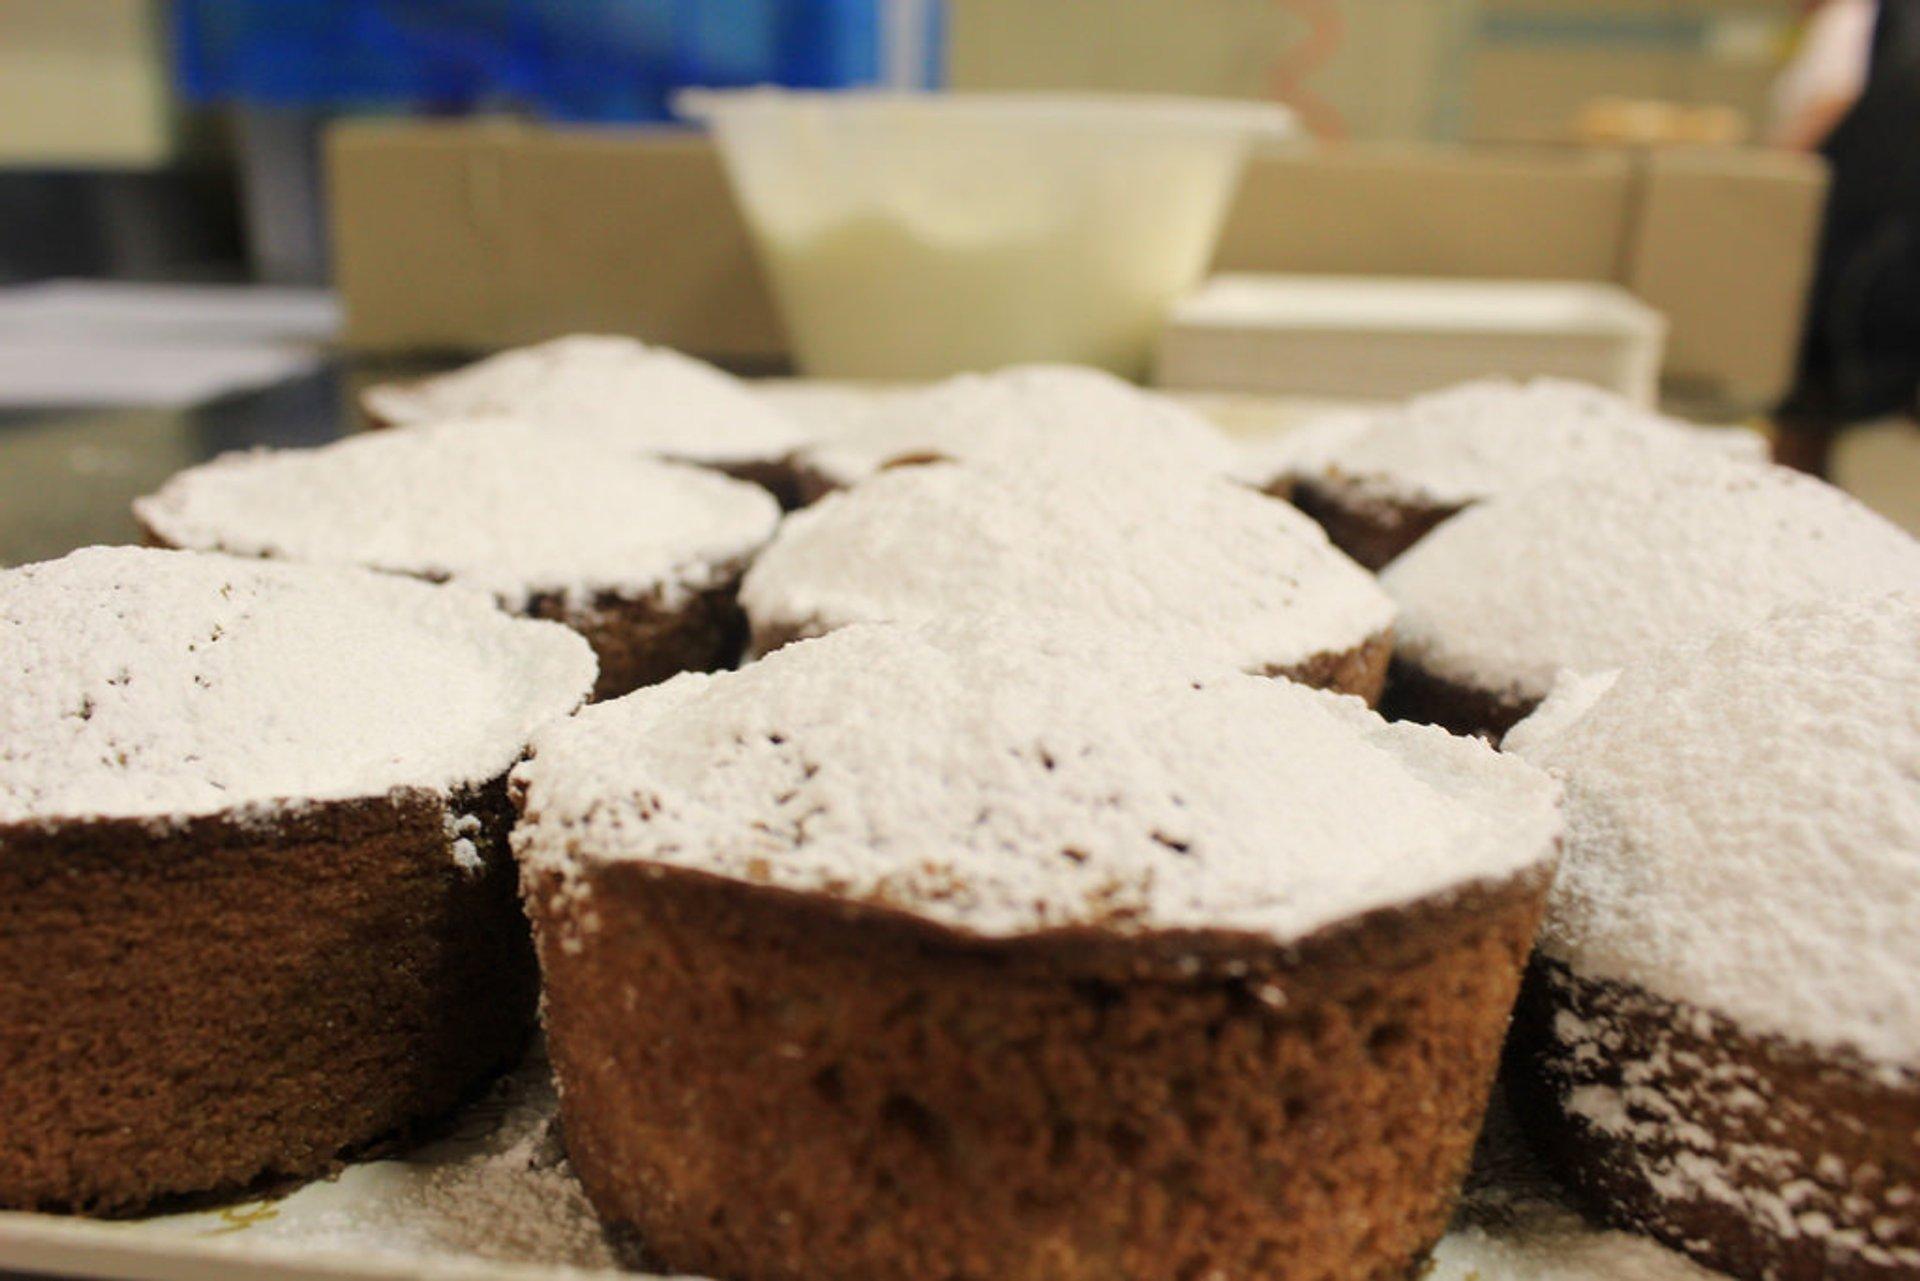 Chestnut flour cakes 2020